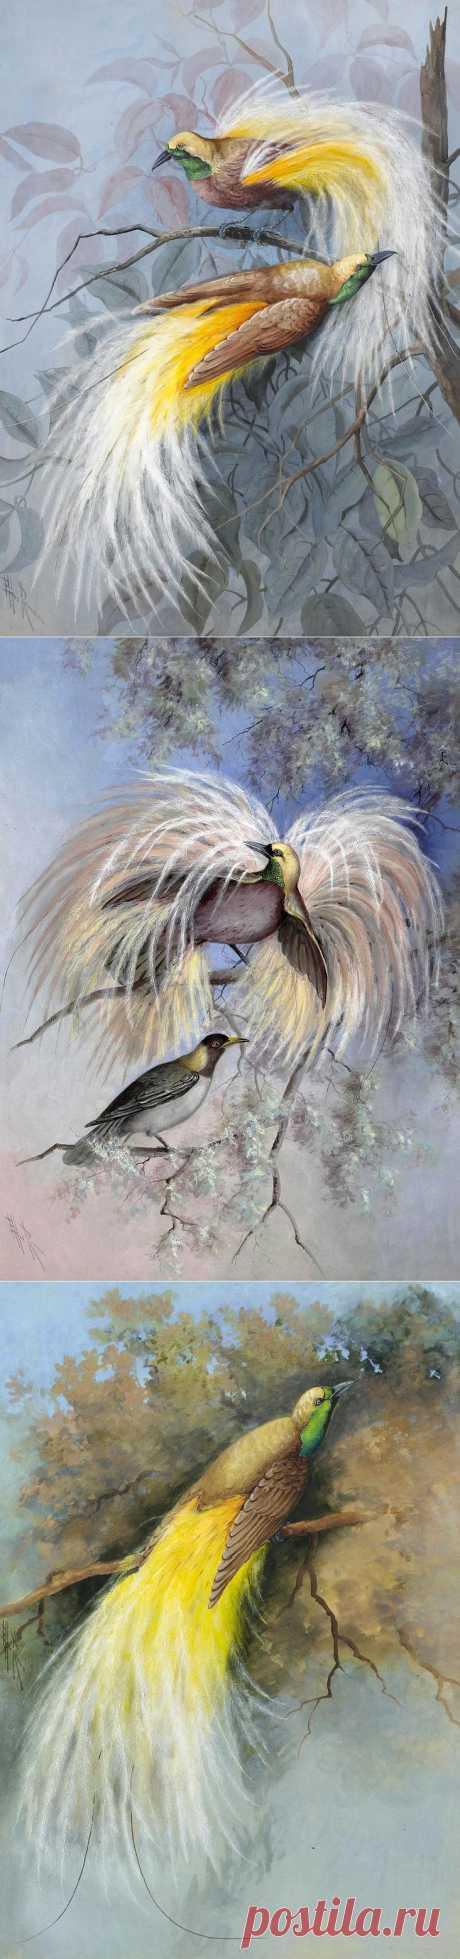 Райские птицы...Marian Ellis Rowan.